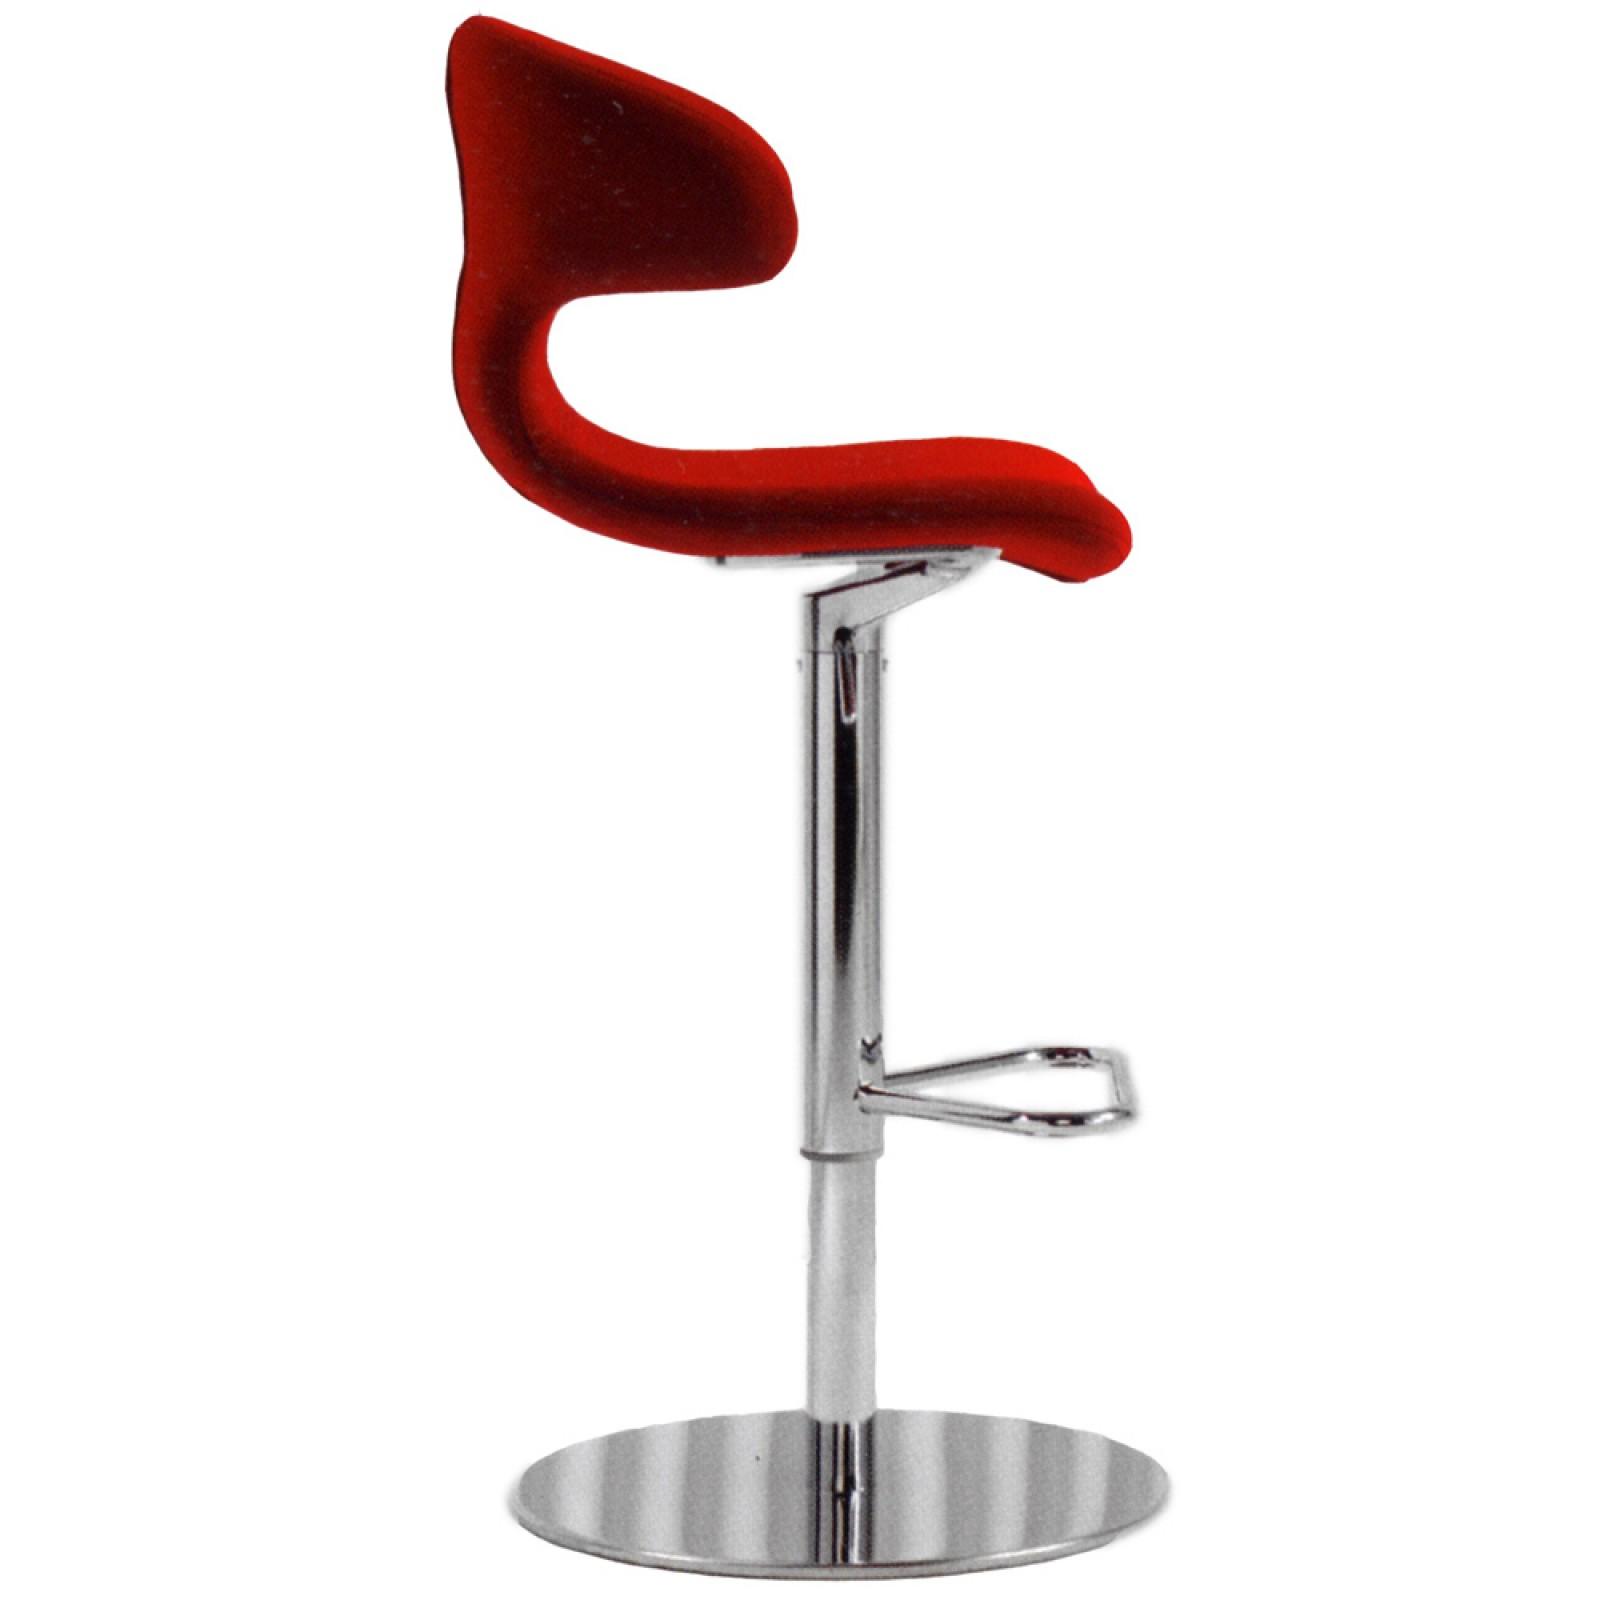 Kina Stool Bar Chair - Tafaruci Design